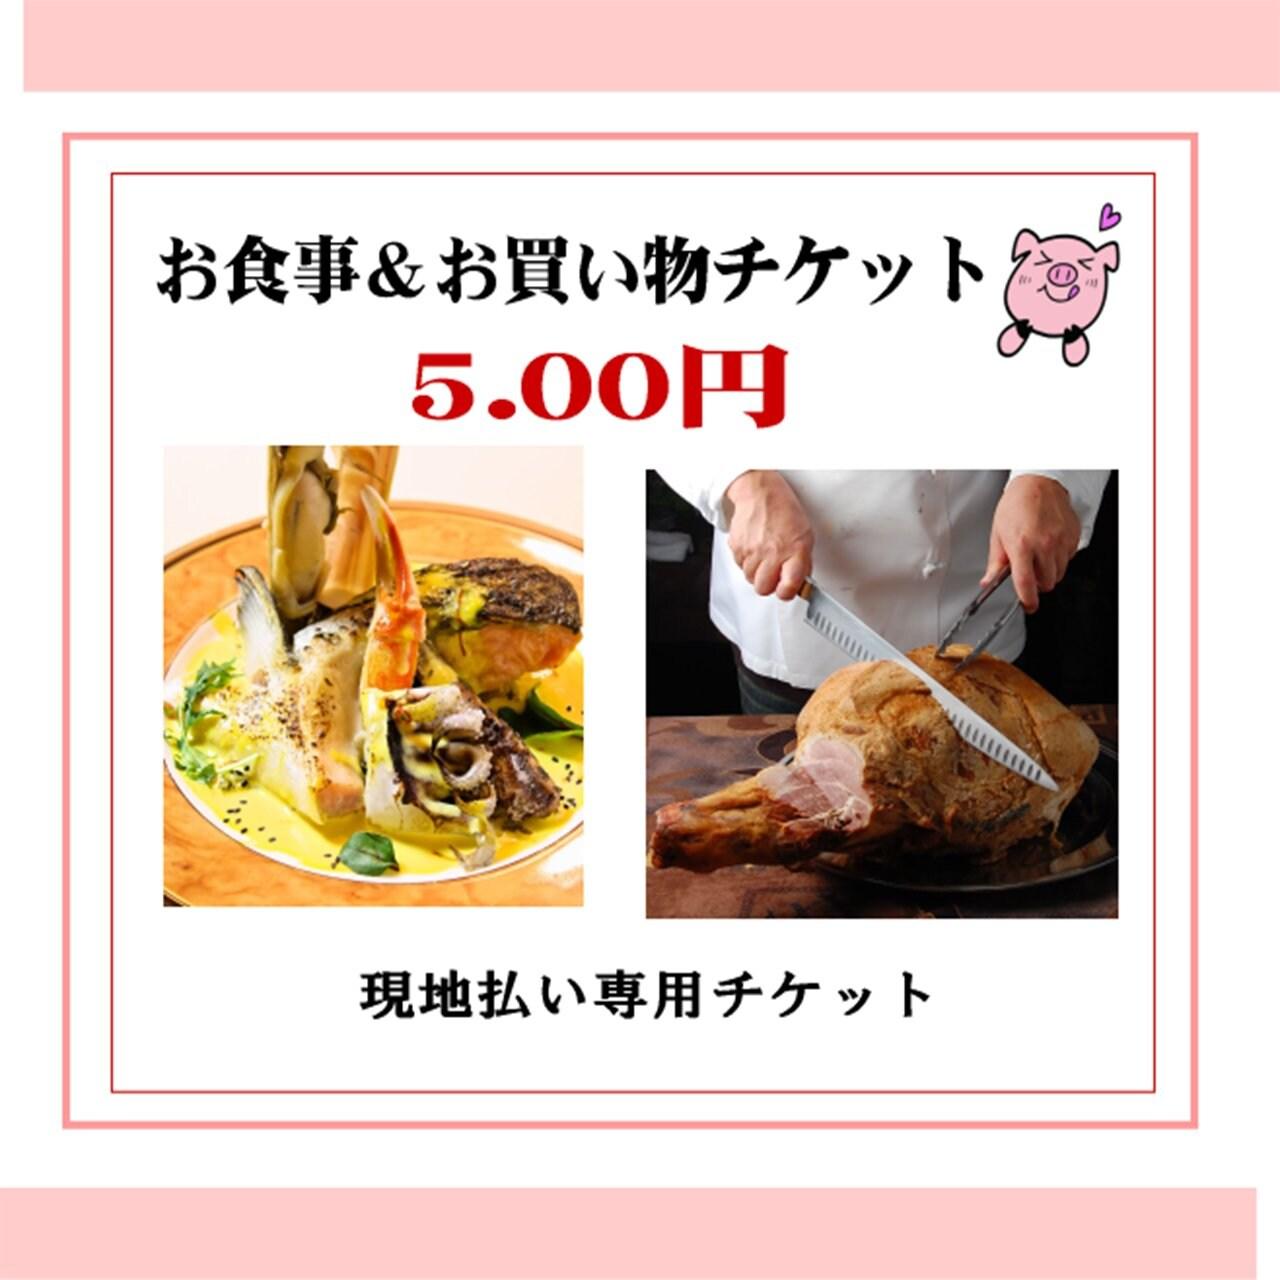 500円お食事&お買い物チケット【店頭受け取り限定】のイメージその1